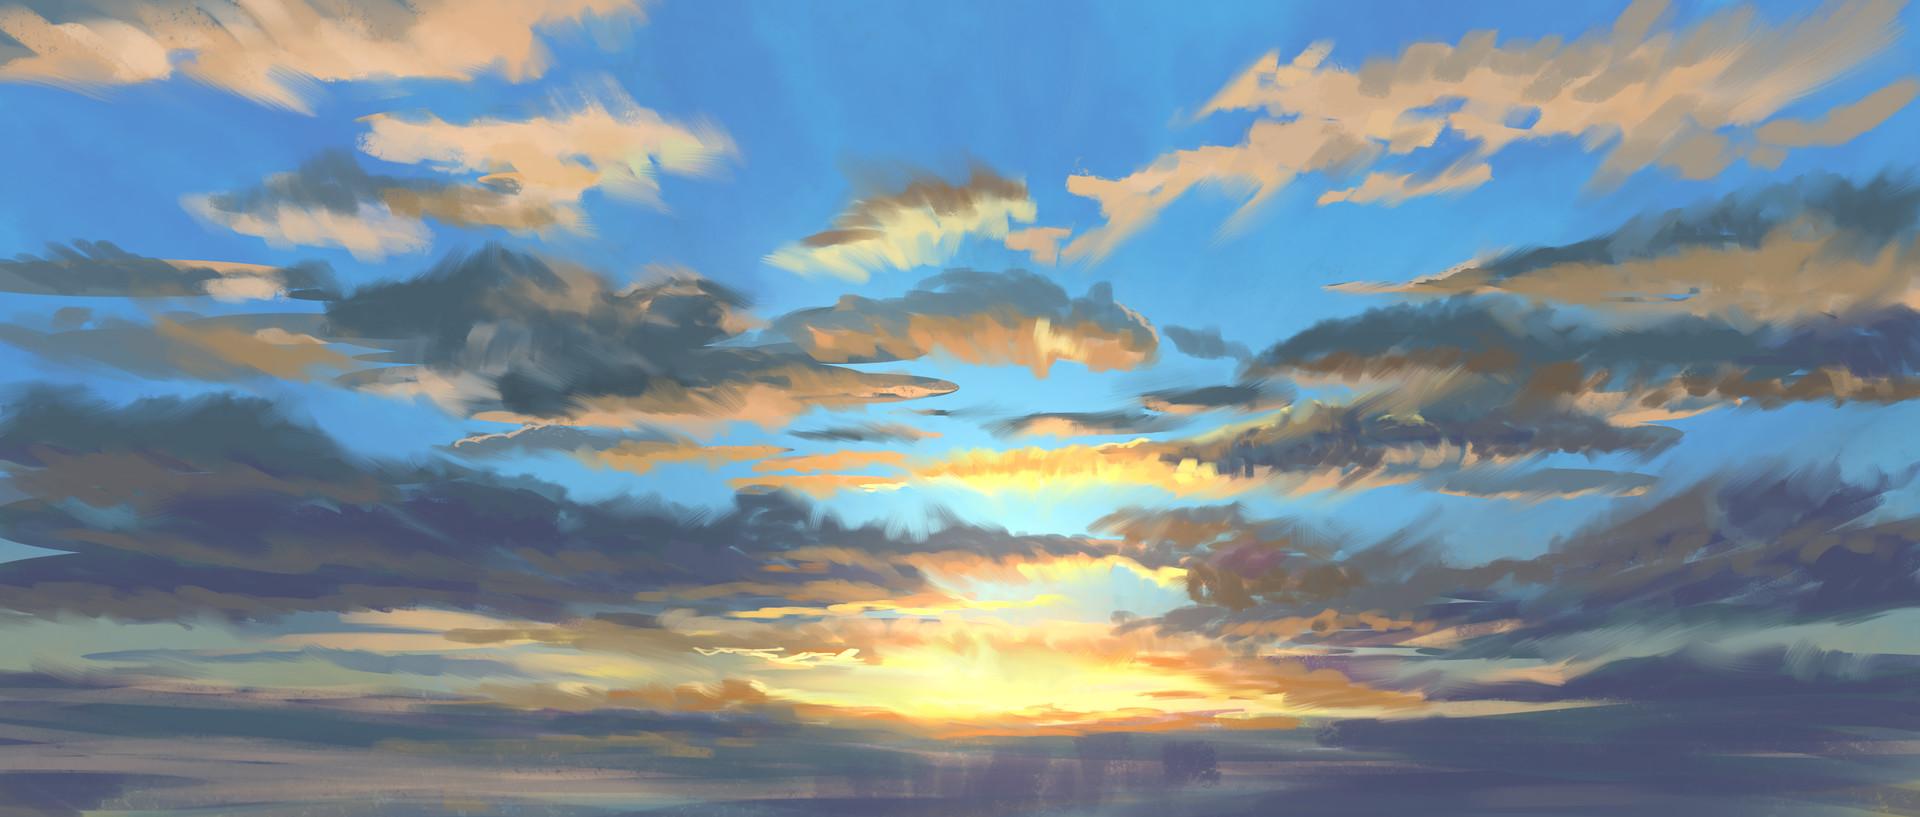 Harrison yinfaowei 8 9 17 sky